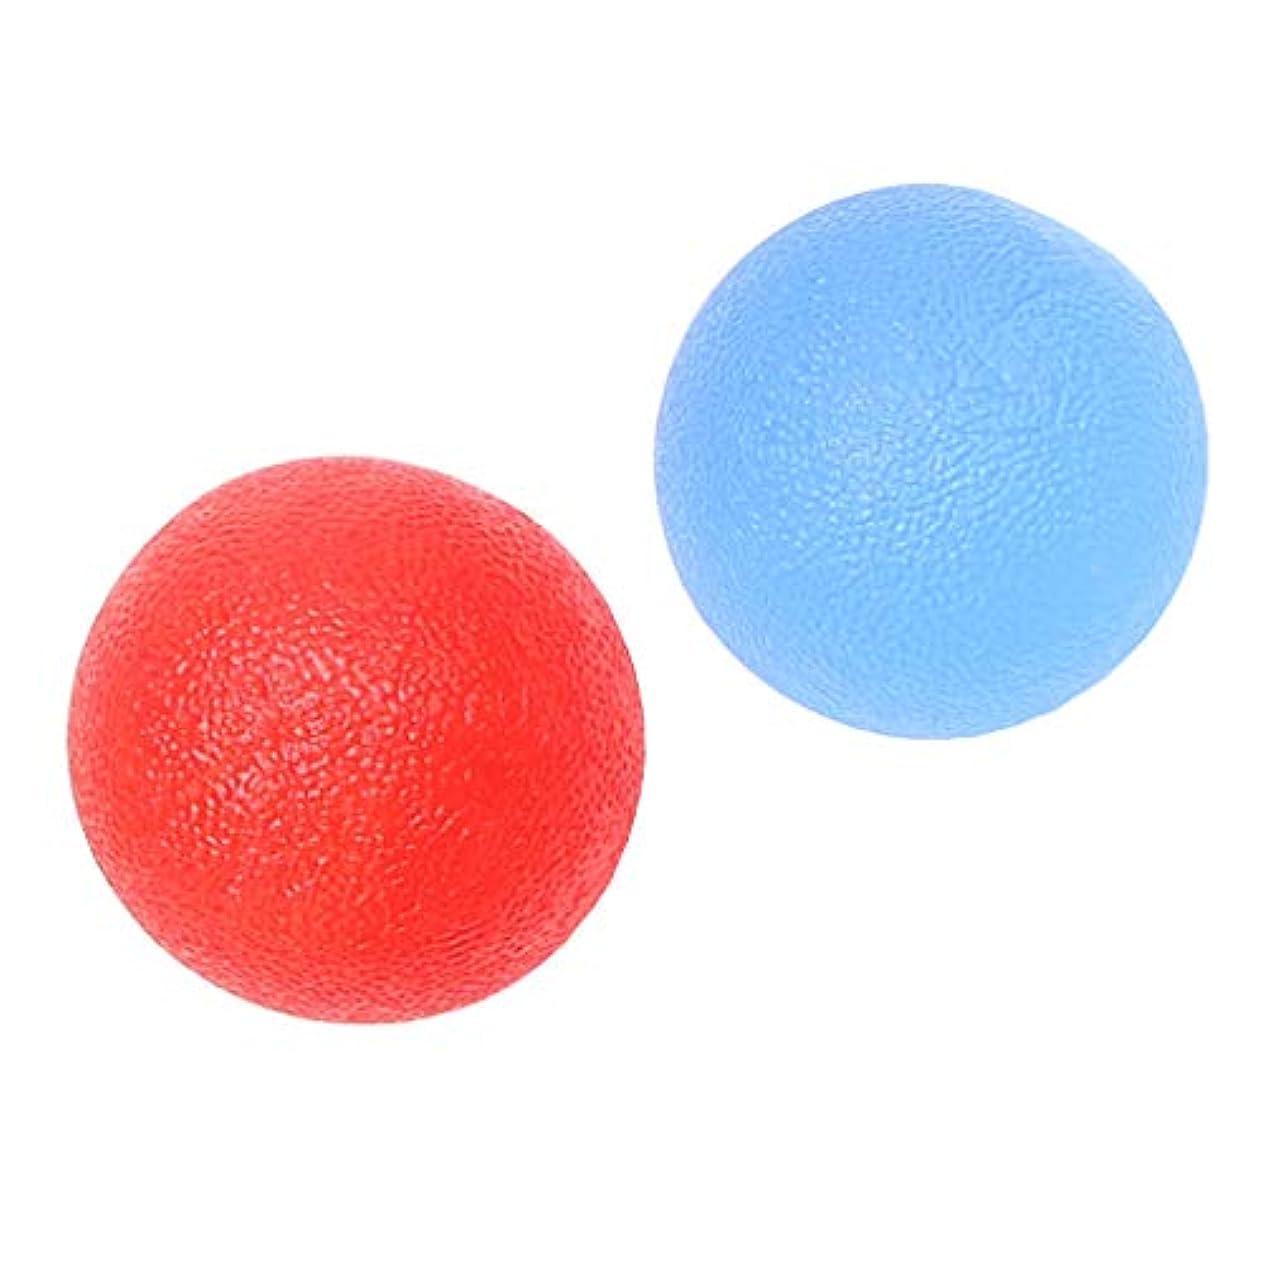 遺跡光沢のあるFLAMEER 2個 ハンドエクササイズボール ハンドグリップ シリコン 指トレーニング ストレス緩和 柔軟 赤/青